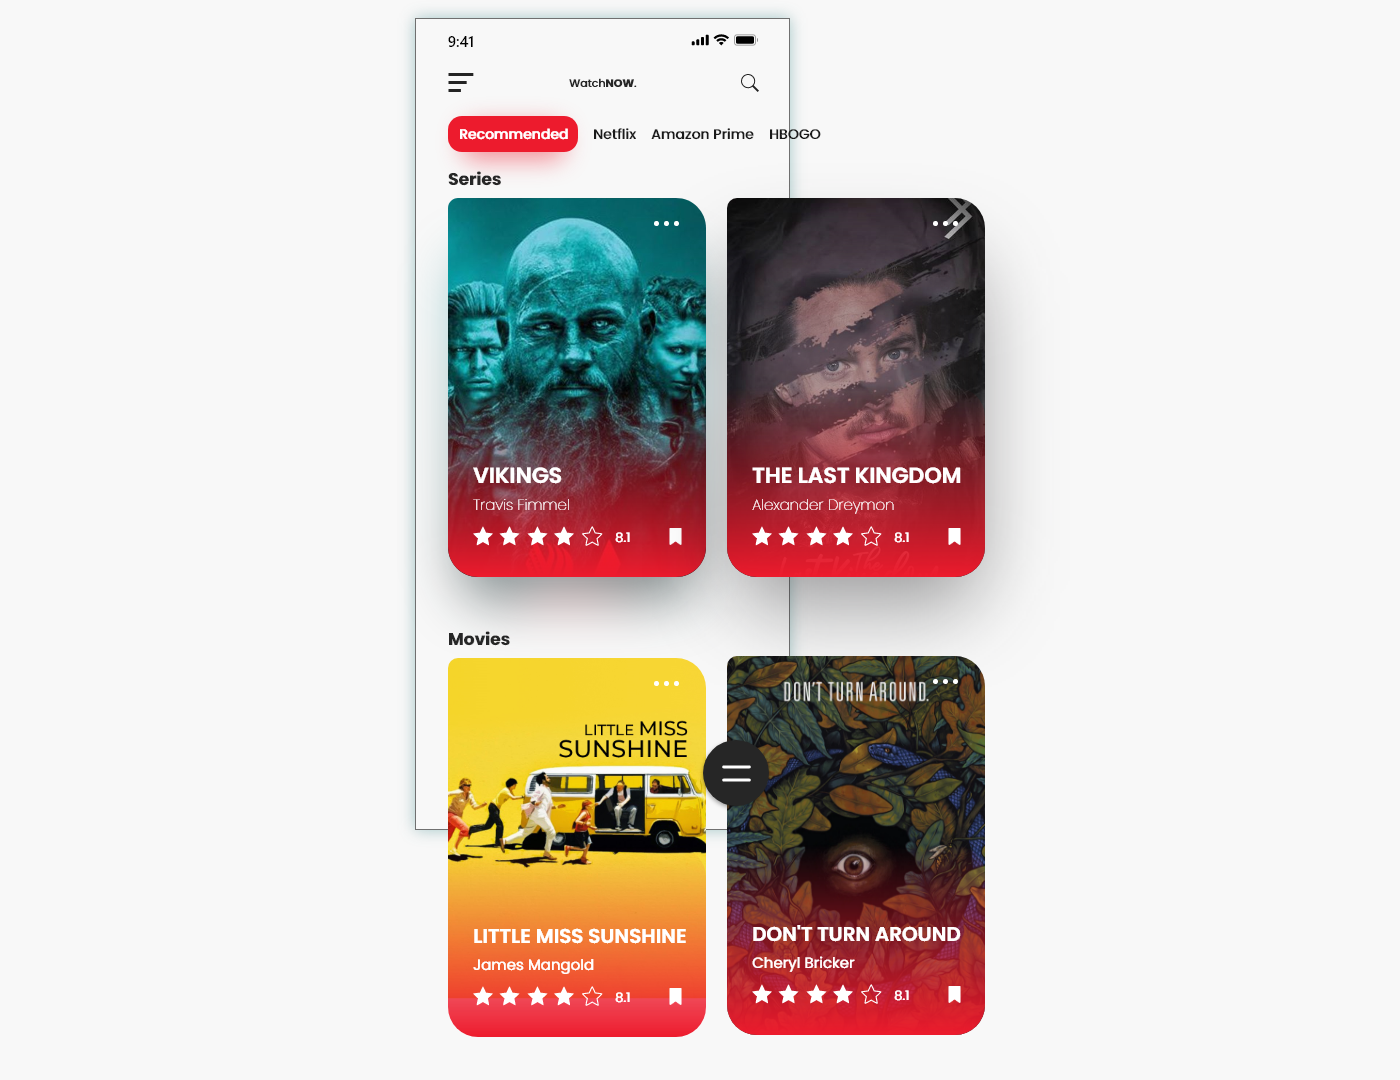 app design branding  mobile design movie movie app Movies ui design UI/UX UX design viking